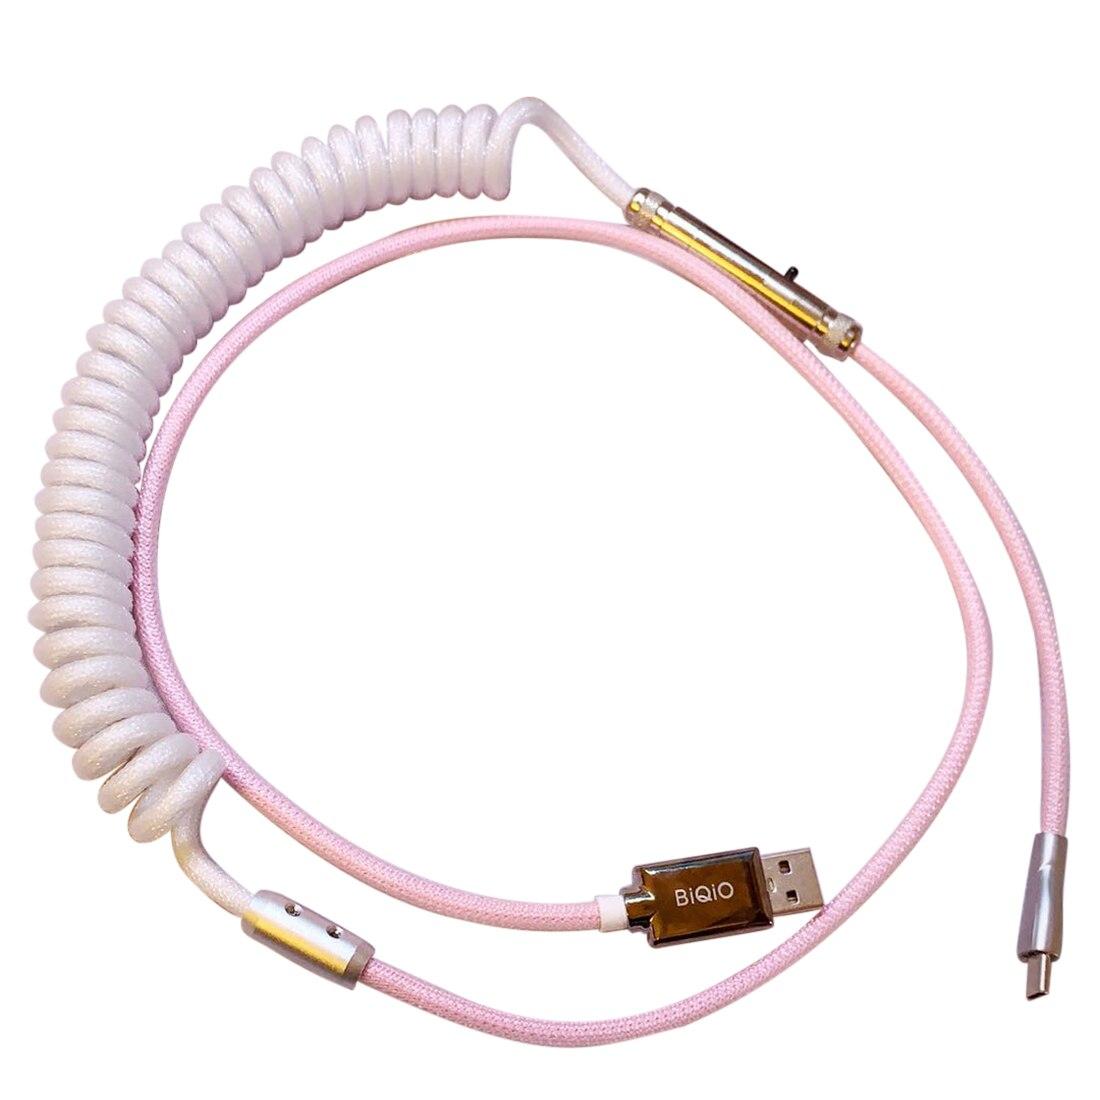 Cable USB2.0 tipo C hecho a mano, conector XRL personalizado de 1,2...